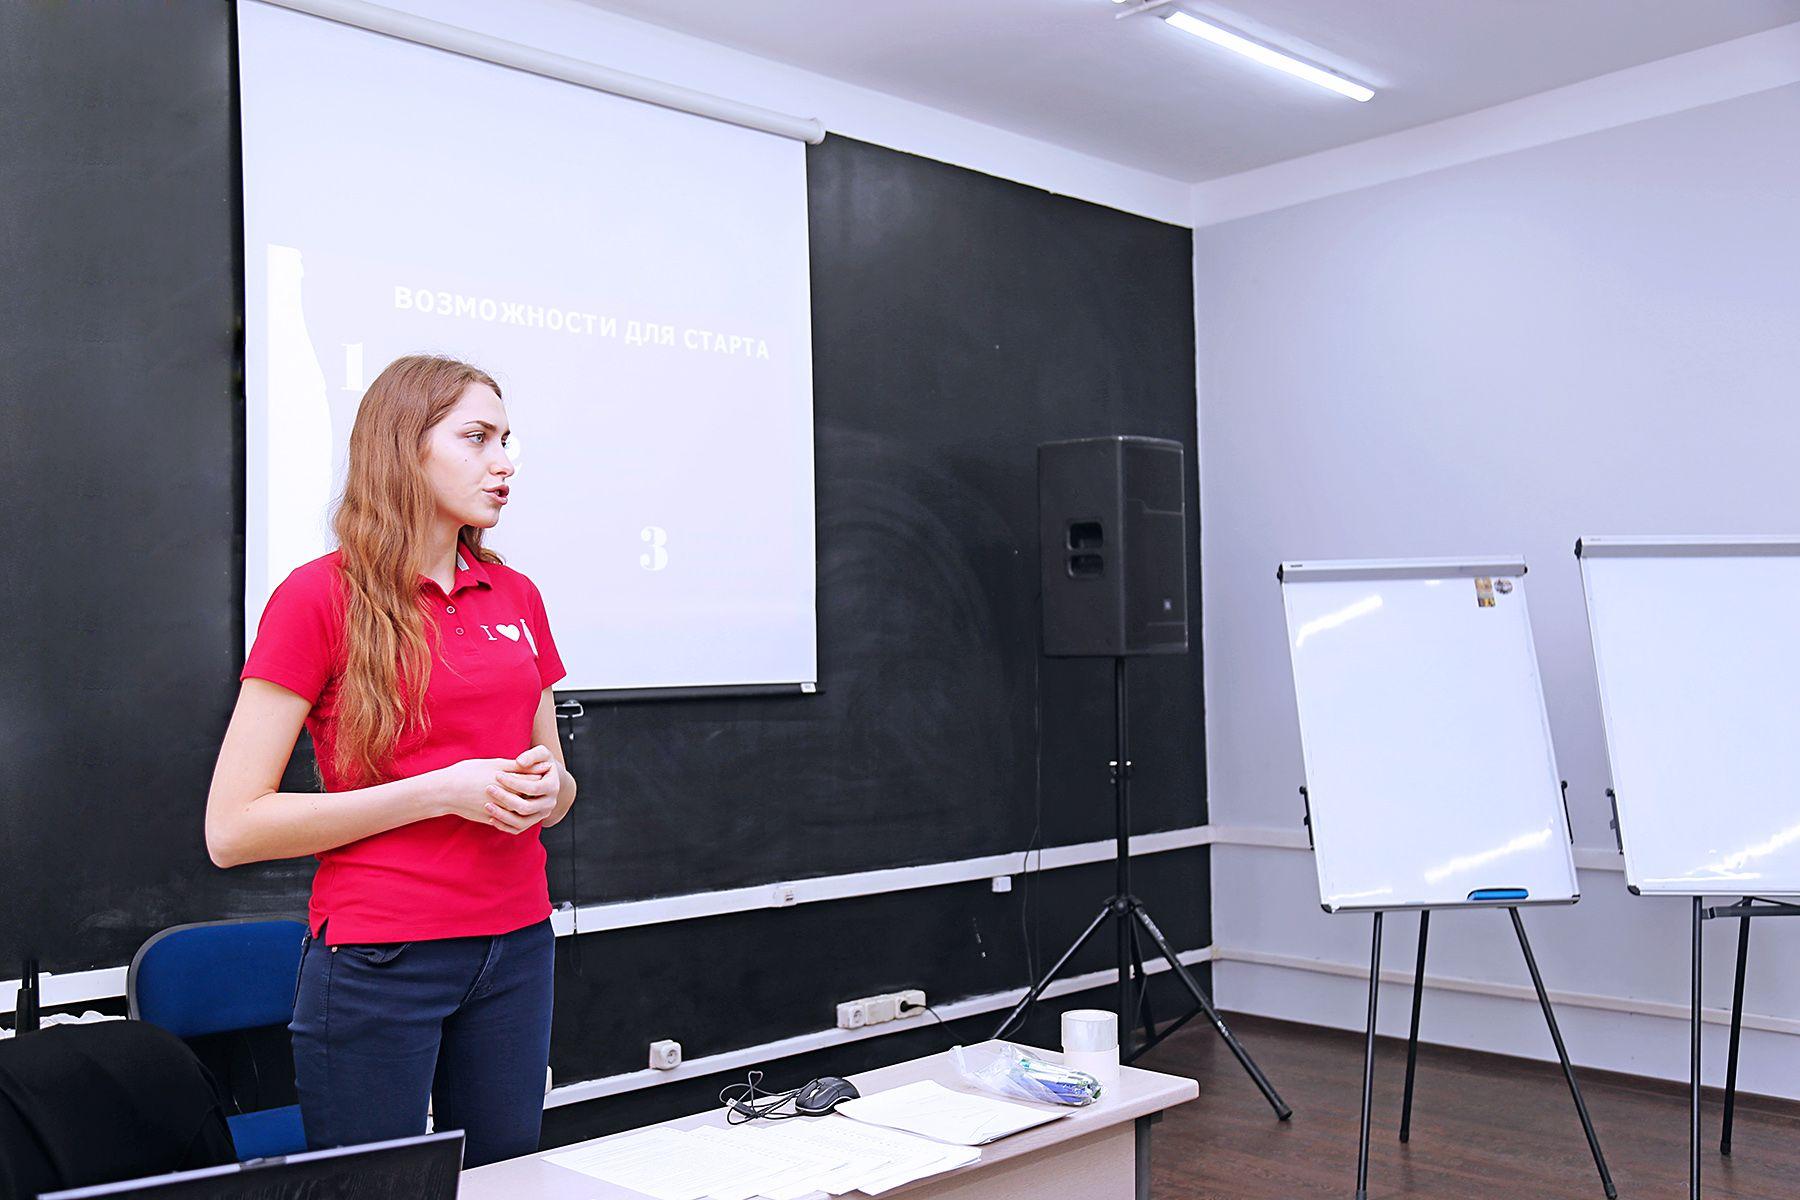 Тренинги для студентов ВГУЭС: как вырасти от менеджера-стажёра до руководителя